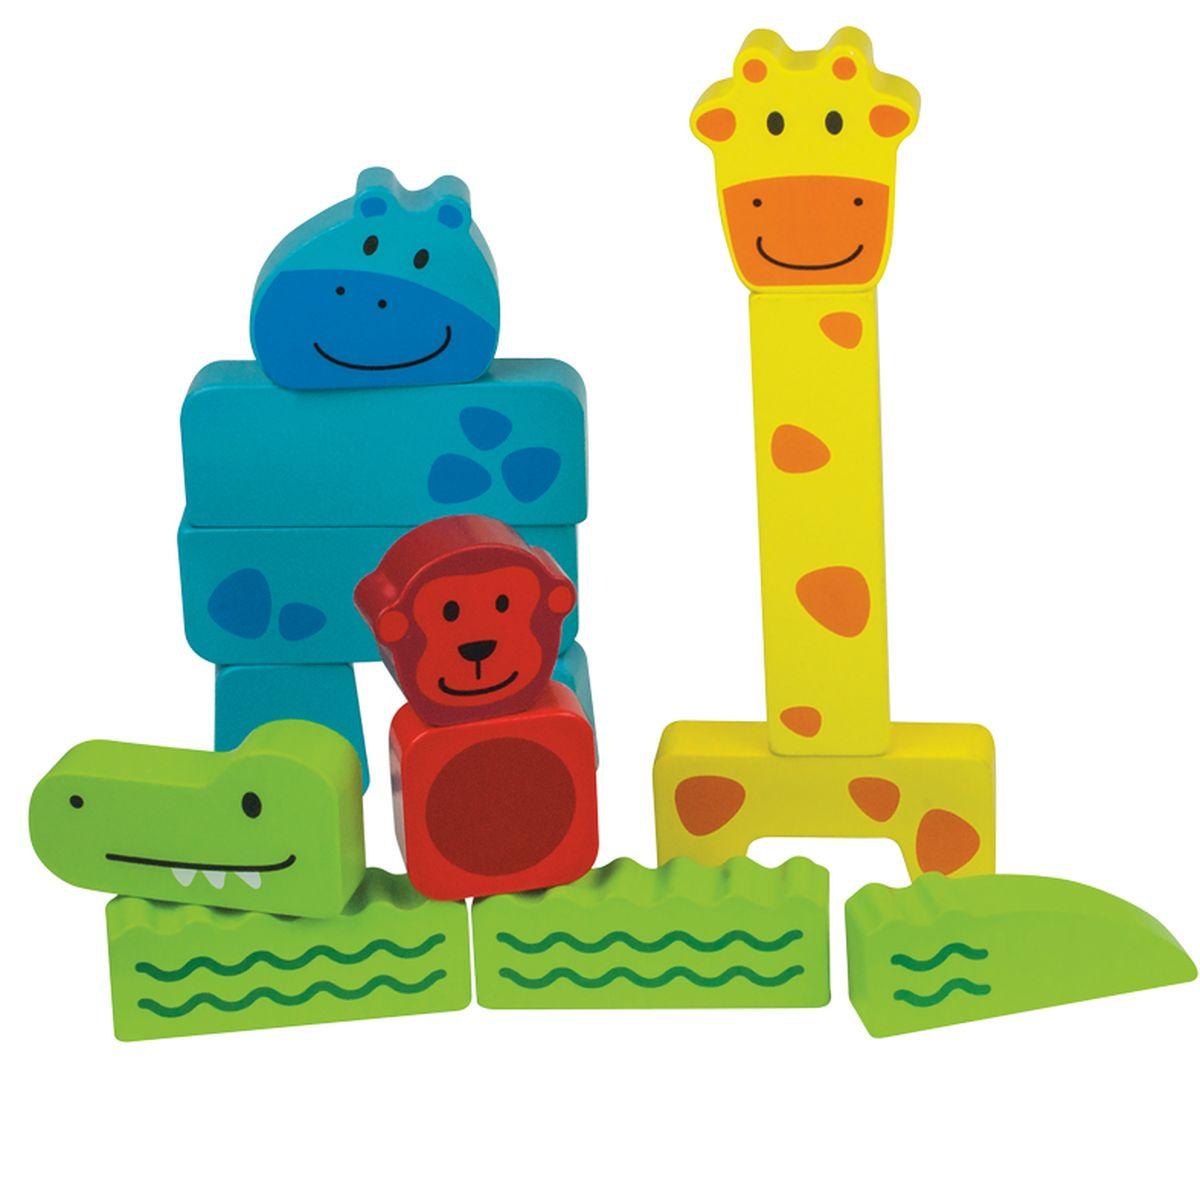 Beleduc Пирамидка Зоопарк18008Собери свое животное! Ребенок впервые приобретает навык сбора пазлов и построения блоков. Складывая блоки в свободной форме, ребенок фантазирует и создает совершенно новое животное, что также способствует развитию мелкой моторики. На следующем этапе необходимо правильно собрать животное из блоков. Таким образом, ребенок познает связи и отношения между предметами, такие как «длинный-короткий» и «большой- маленький». Деревянные блоки снабжены детскими иллюстрациями, играть с которыми будет одно удовольствие!